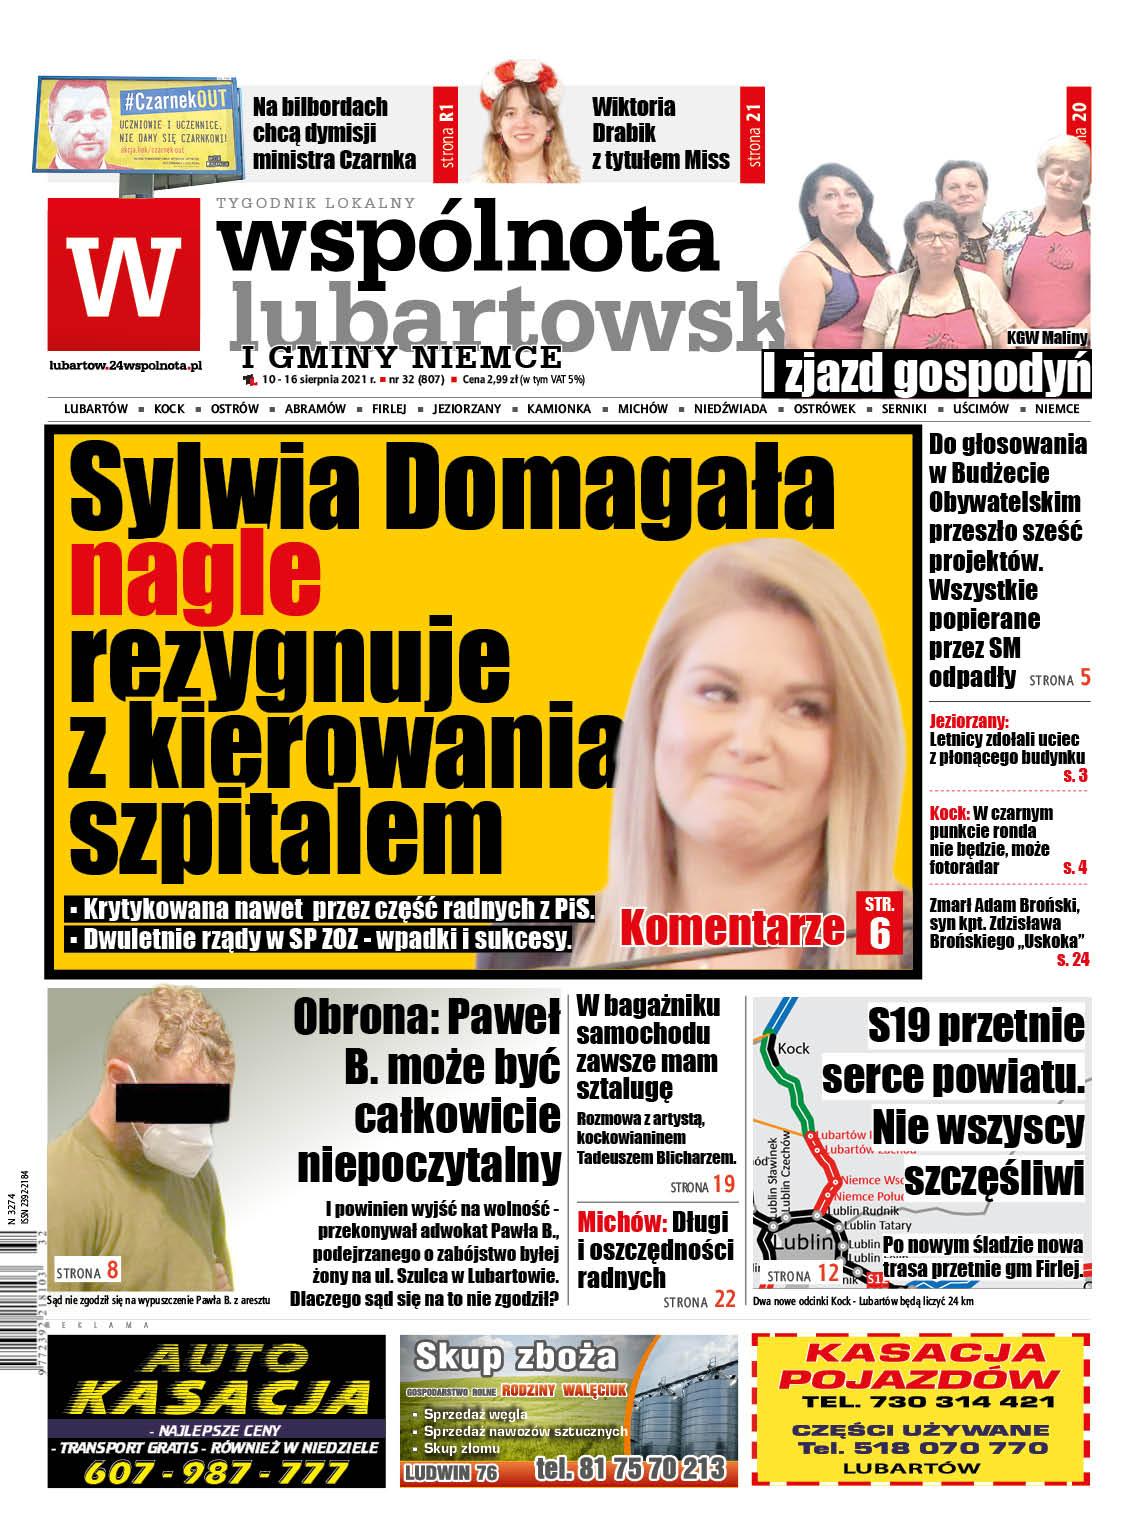 Sylwia Domagała zrezygnowała z posady dyrektora szpitala w Lubartowie! - Zdjęcie główne